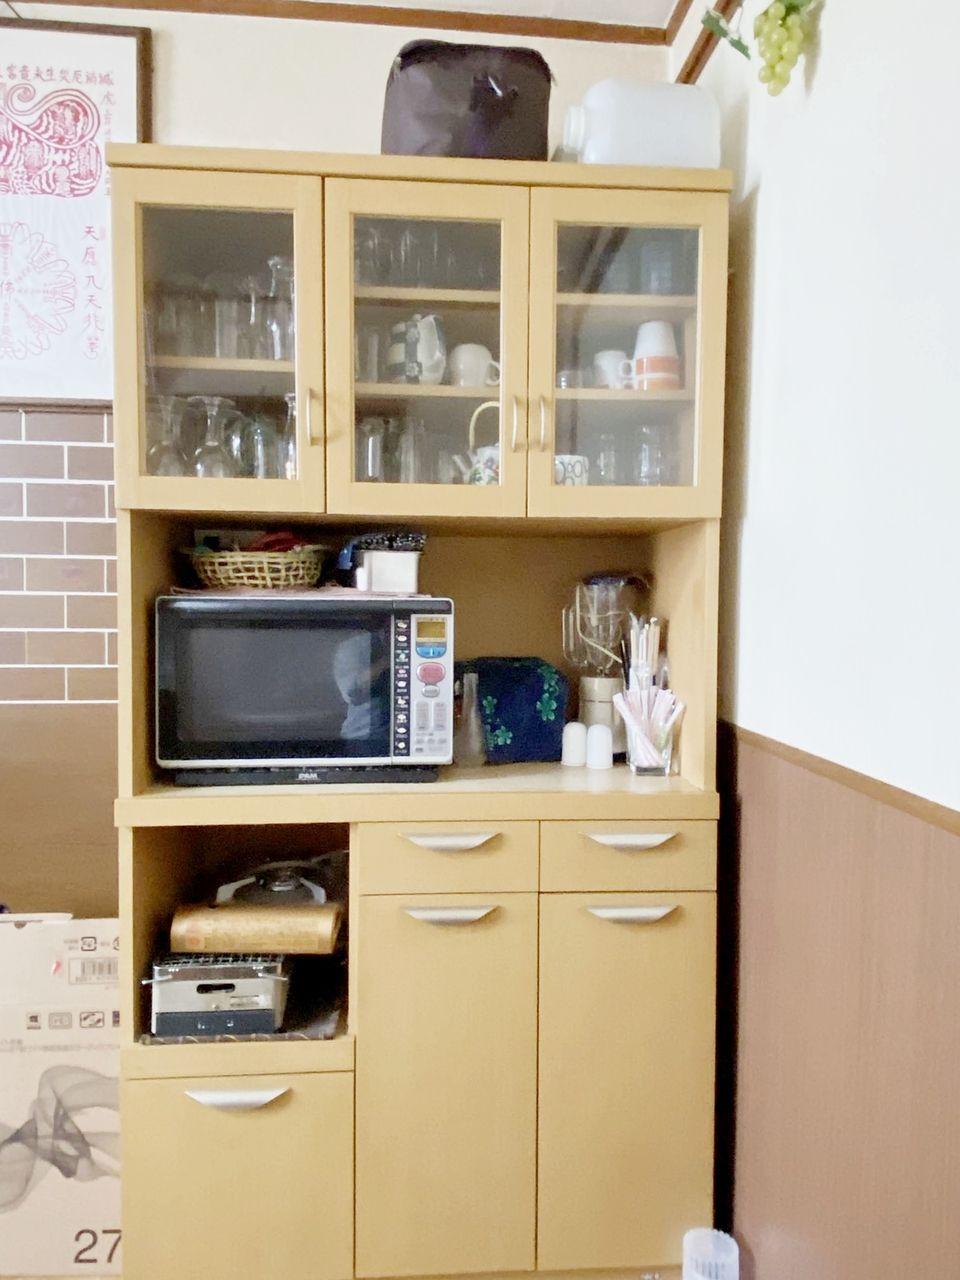 食堂には冷蔵庫・電子レンジ・ポットポットがあり、飲食・喫煙可能です。(仮称)シェアハウス池袋